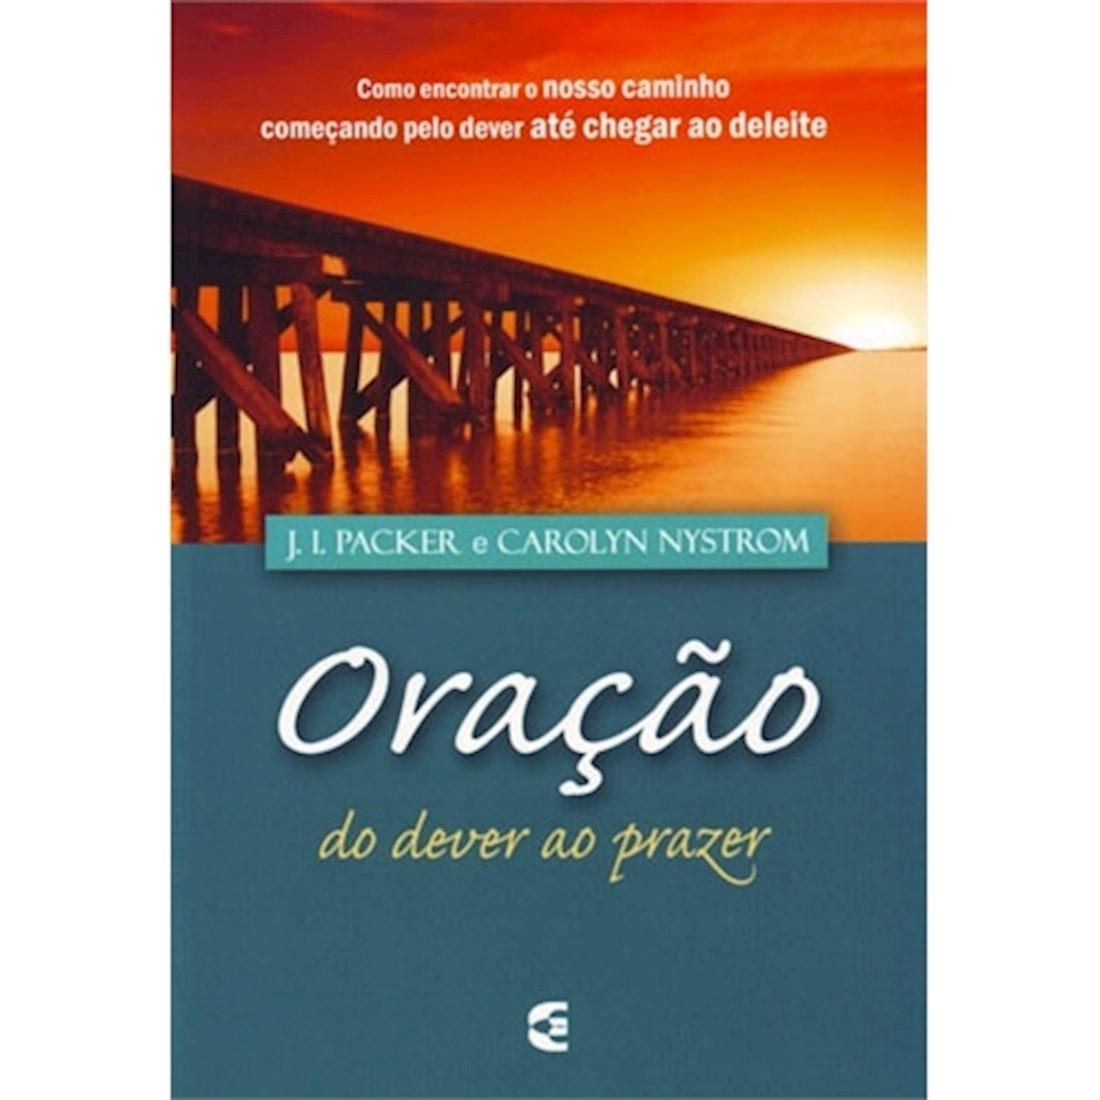 Livro Oração do Dever ao Prazer